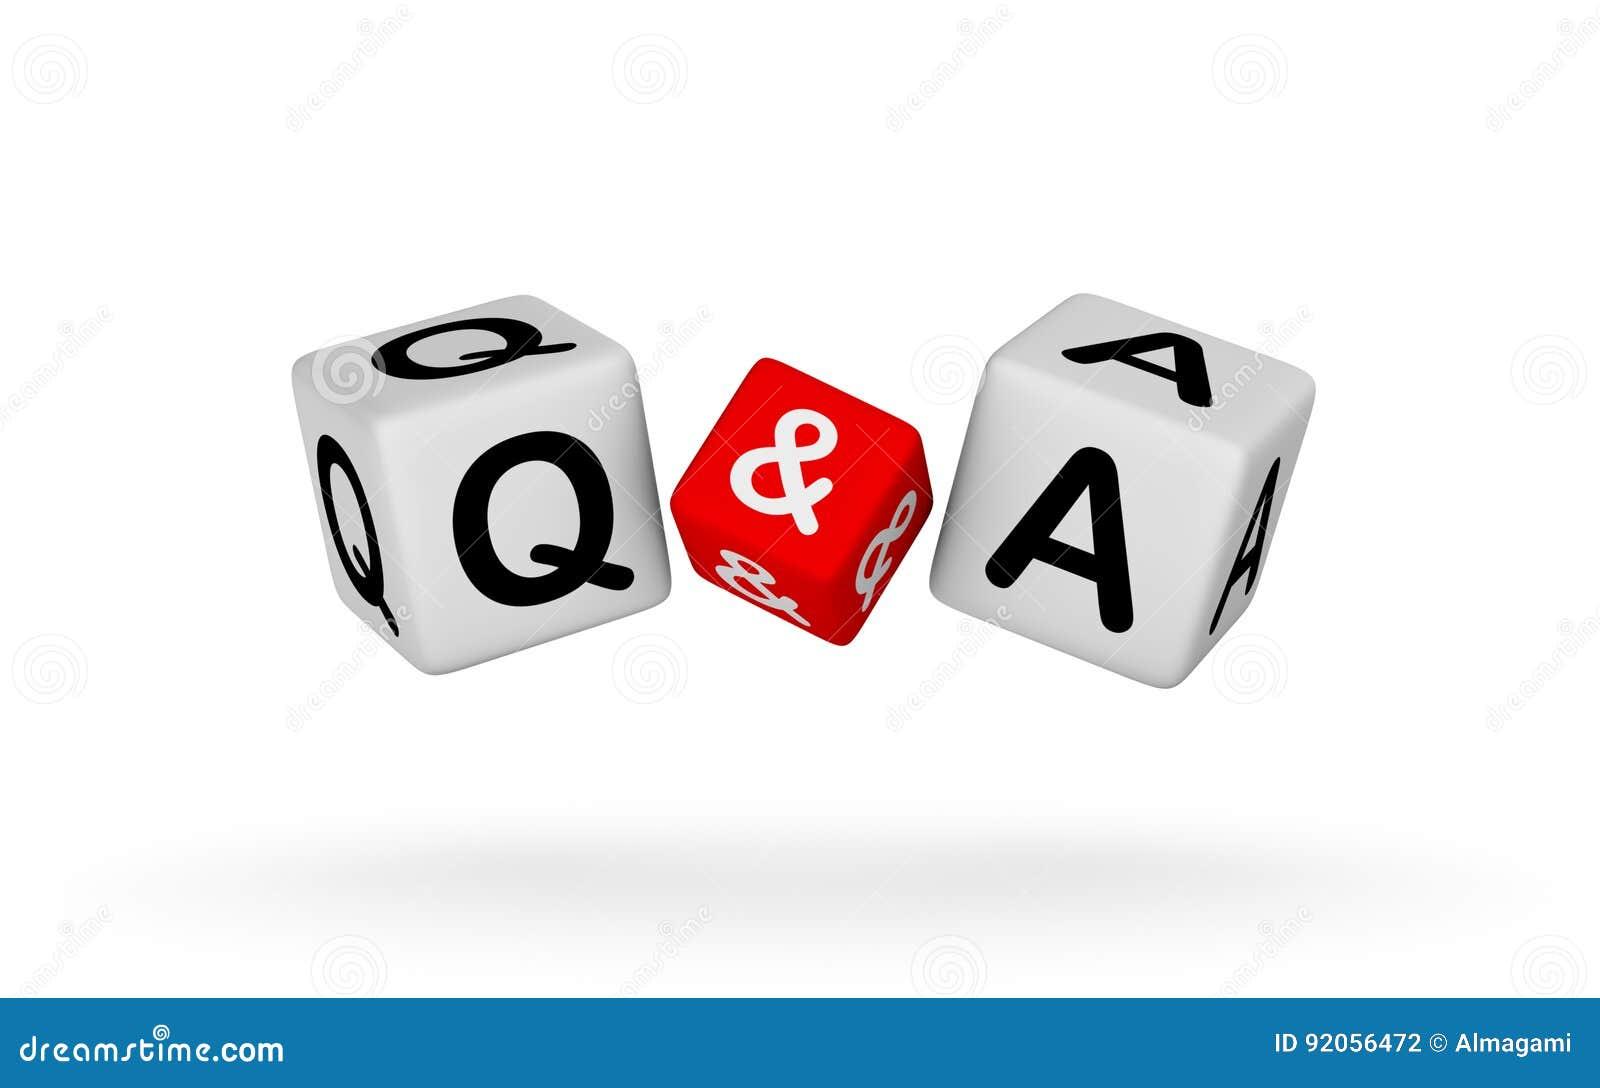 Frage und Antworten-Zeichen